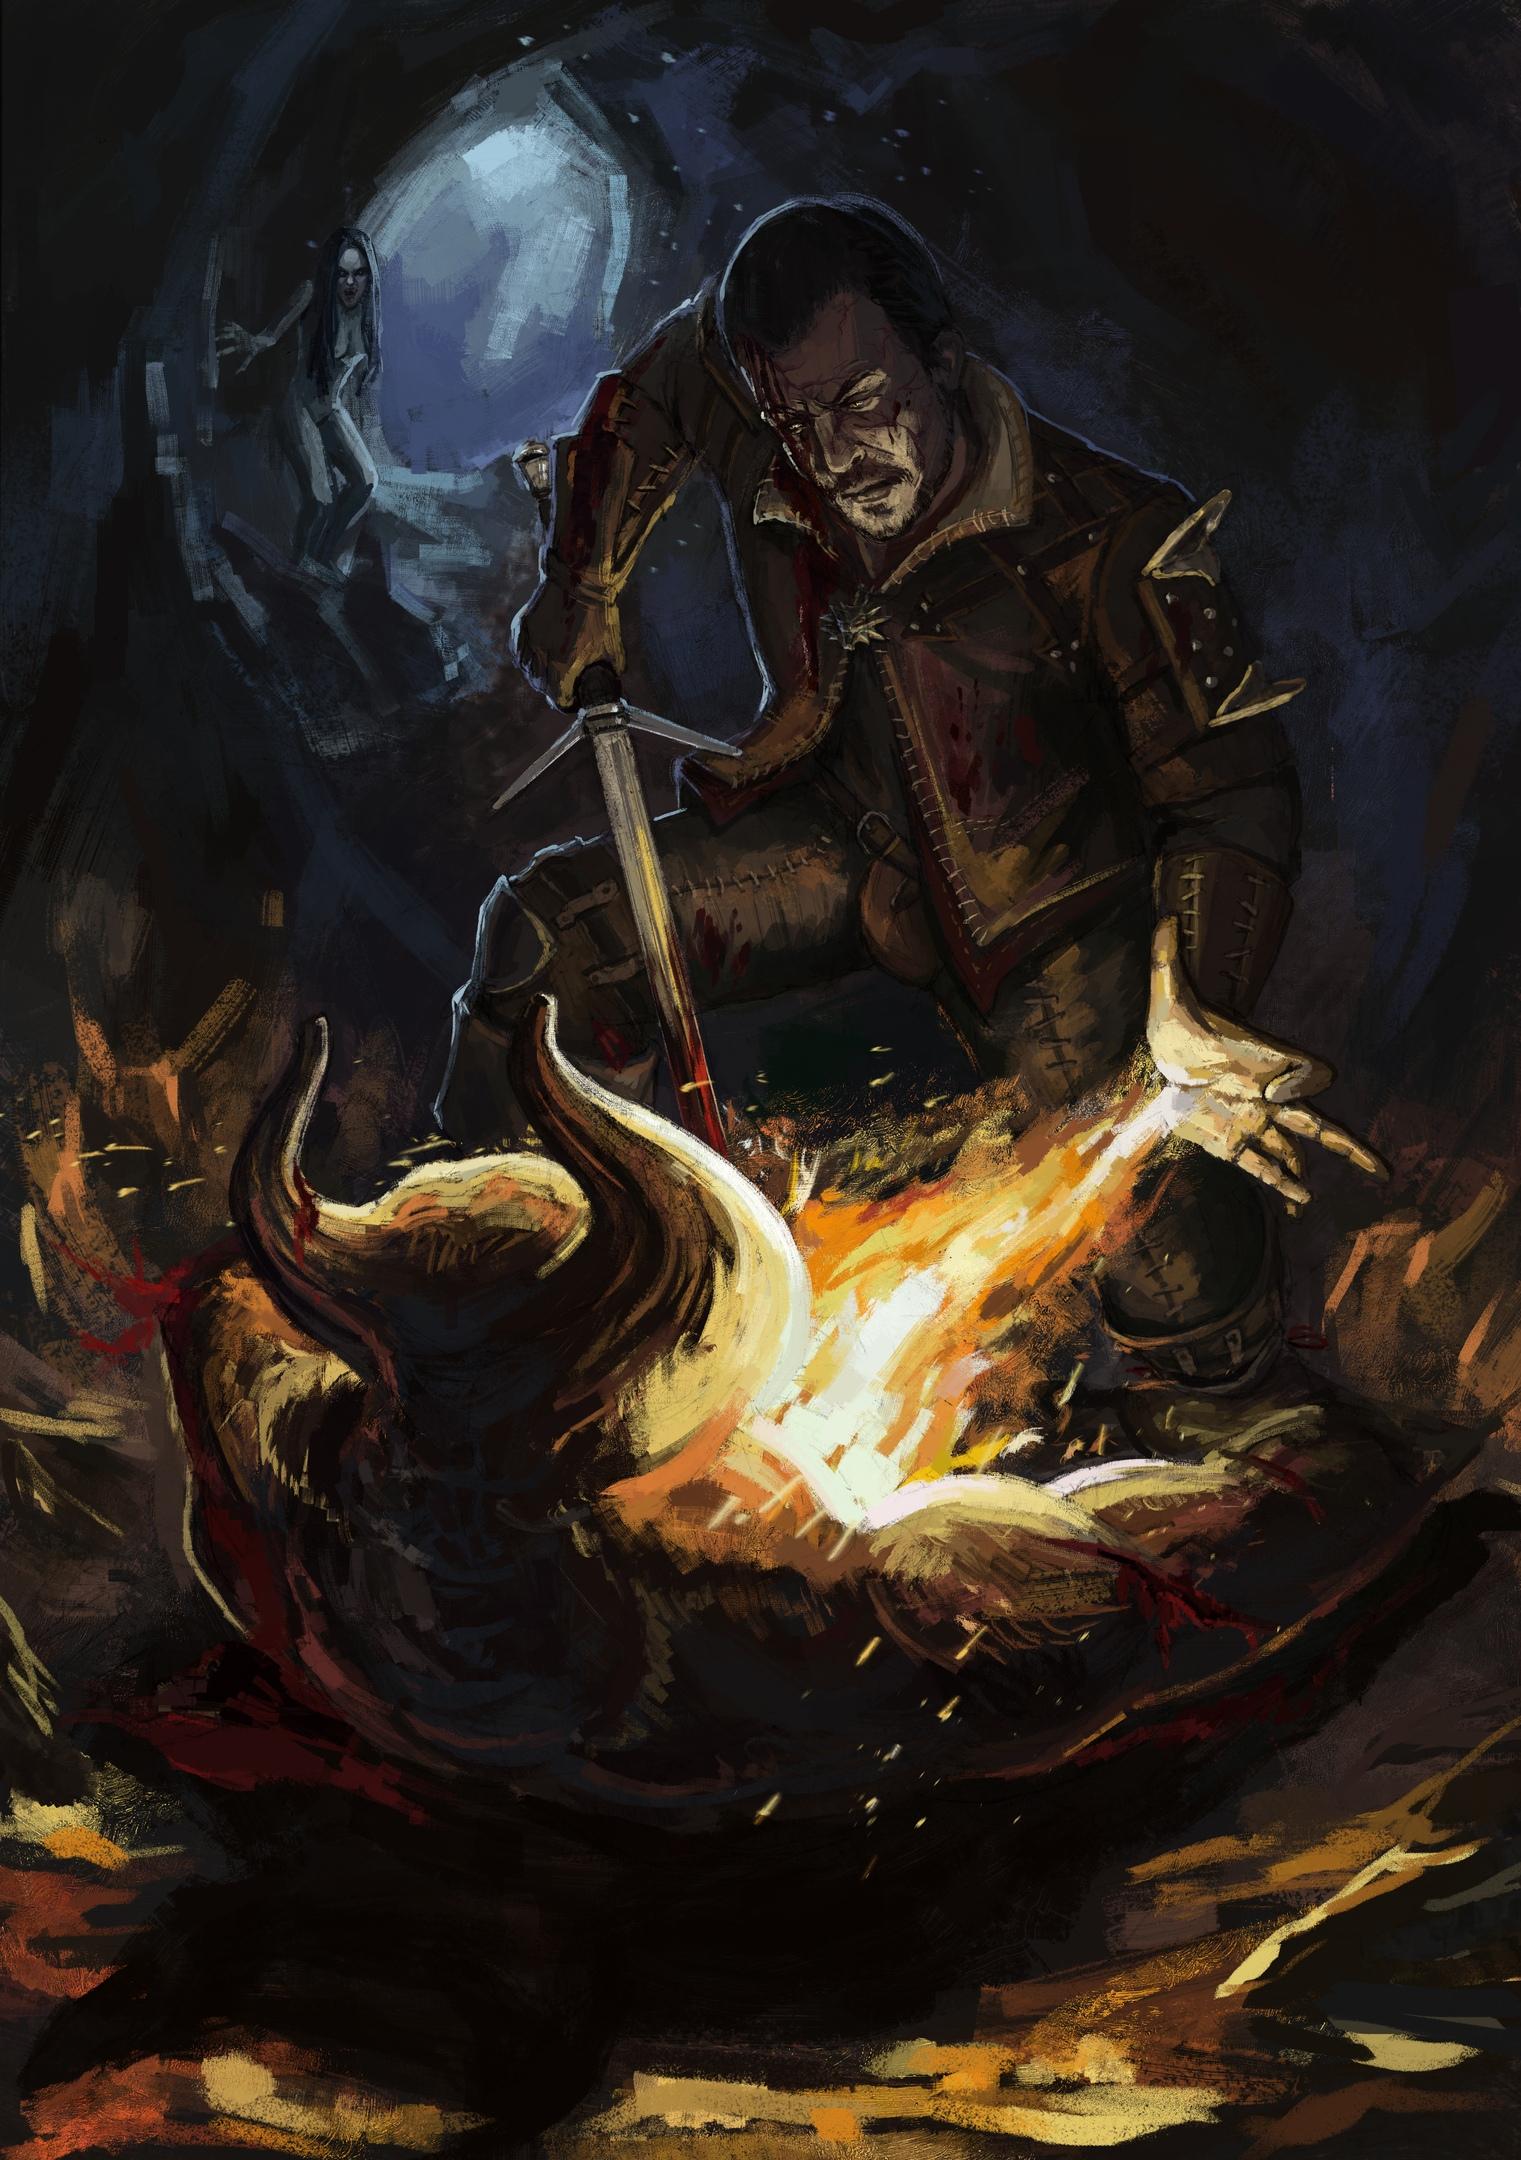 Хер Моржовый в деле - Witcher 3: Wild Hunt, the